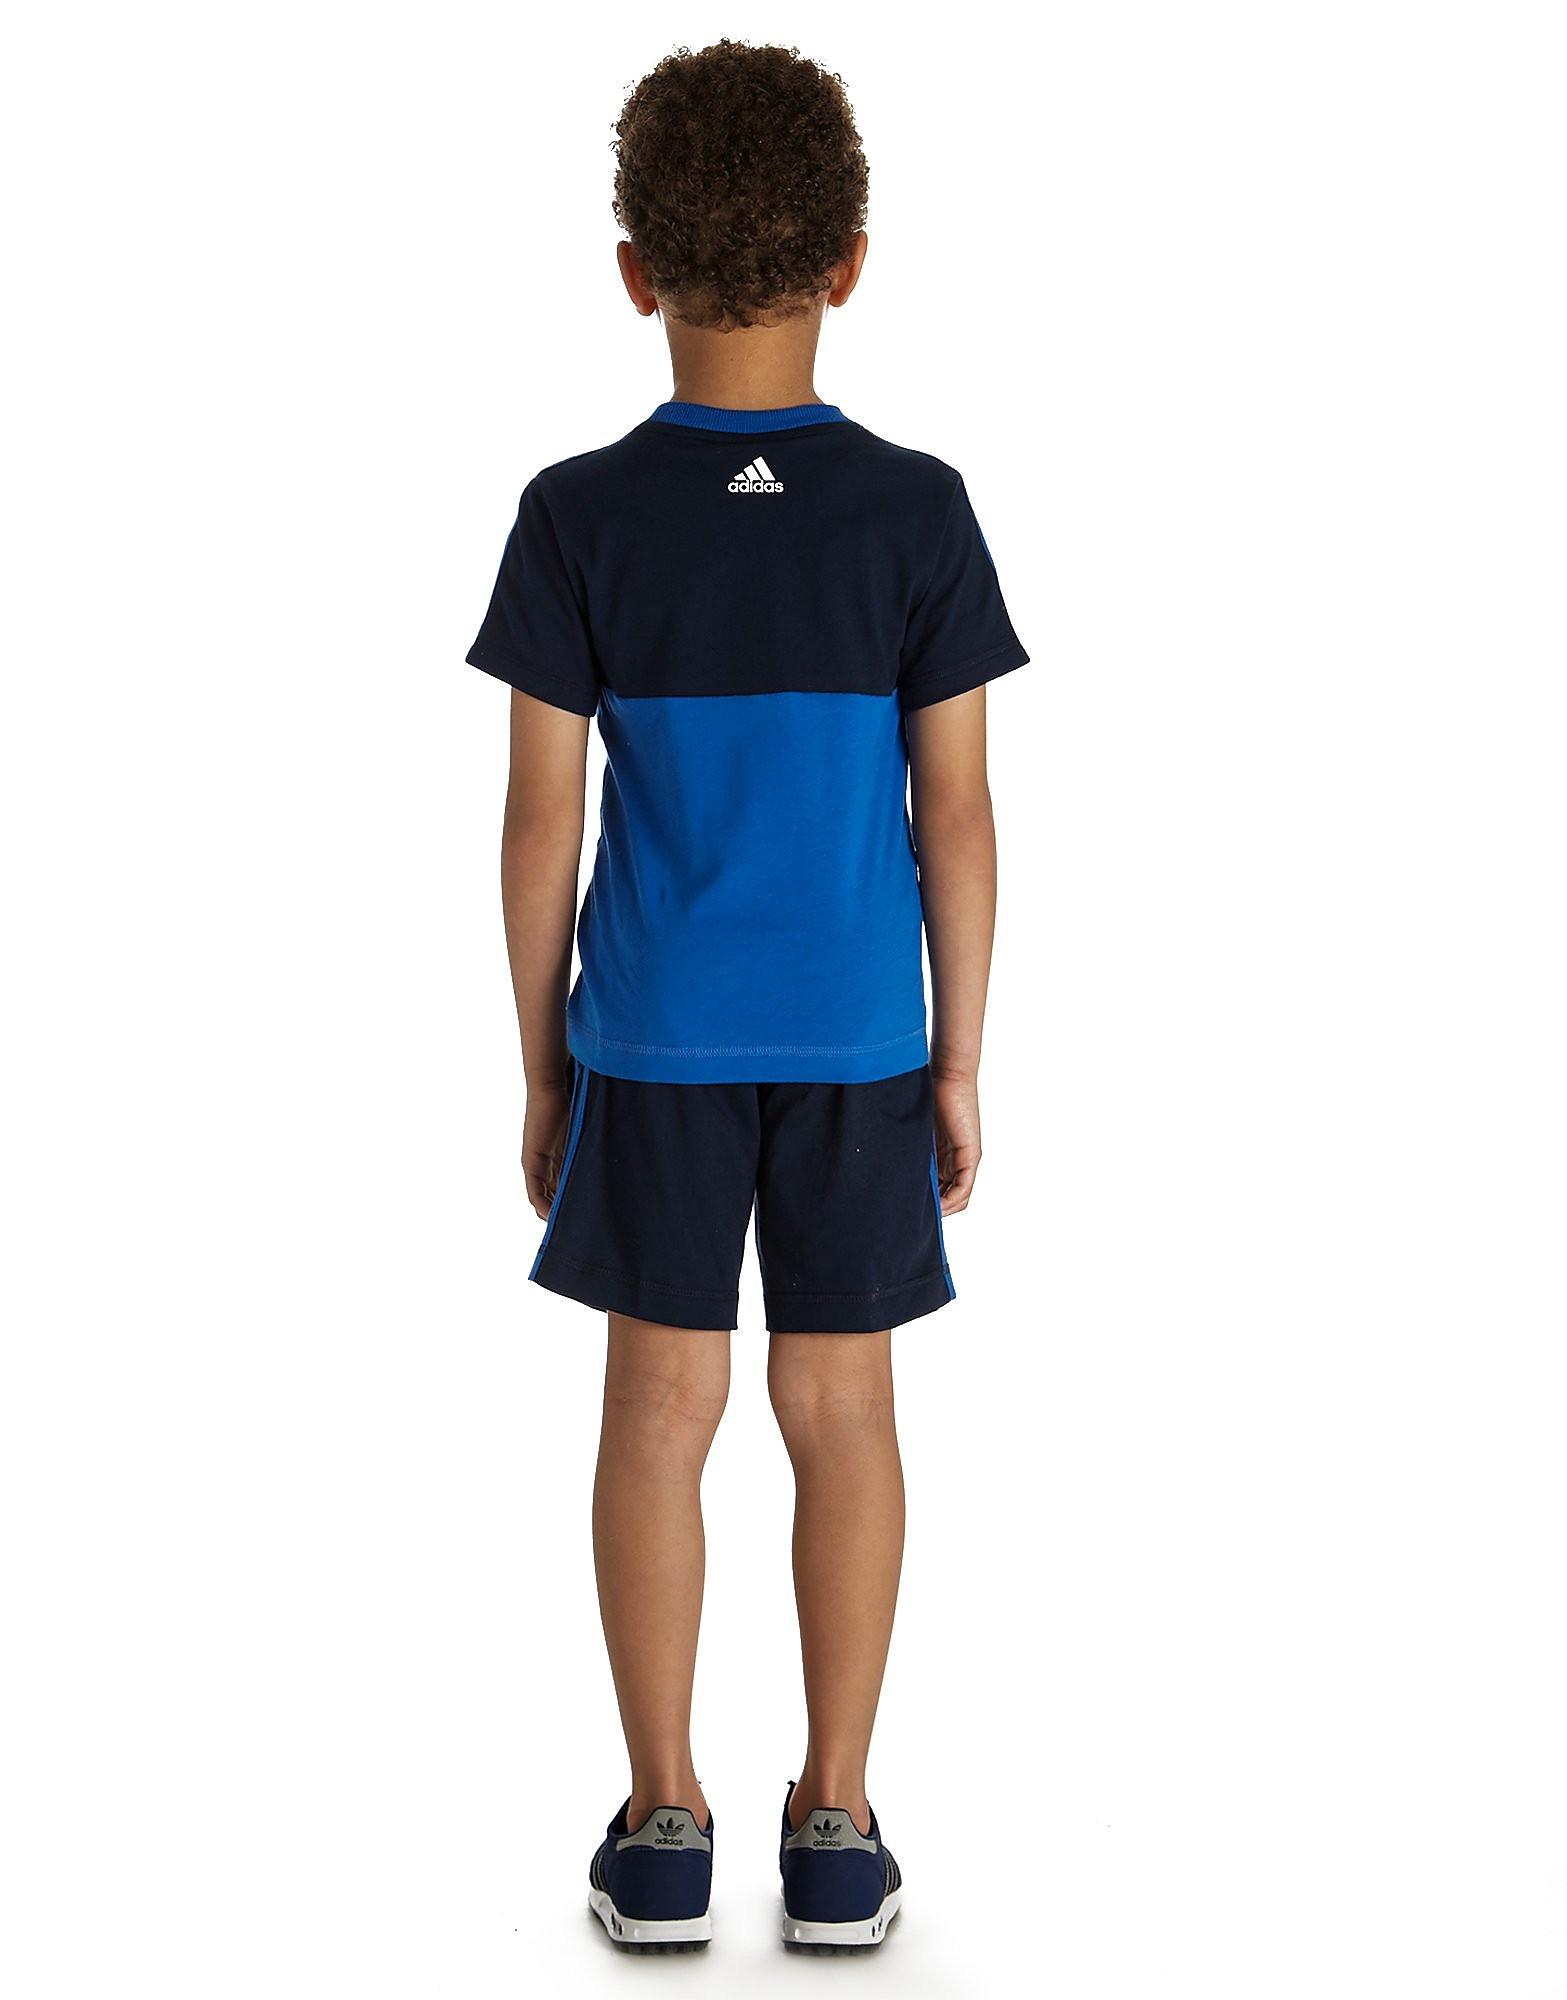 adidas Linear T-shirt/Shorts Set Bambino